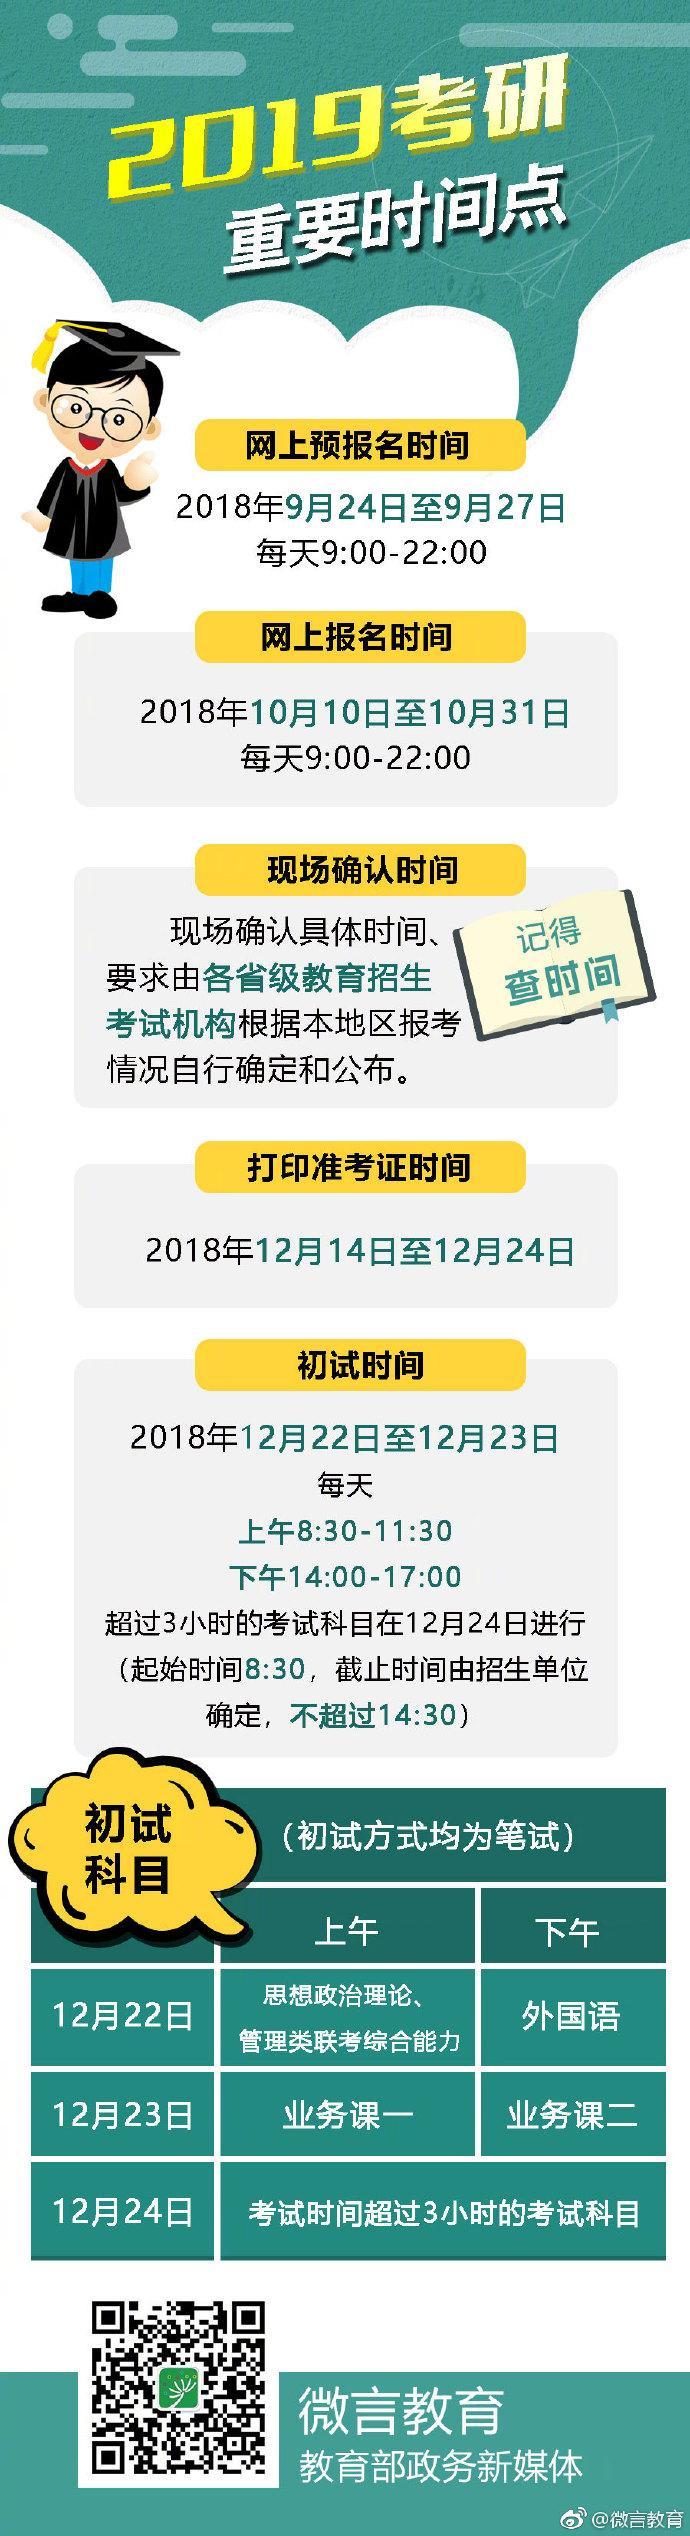 2019考研10月10日起报名 12月22日至23日考试